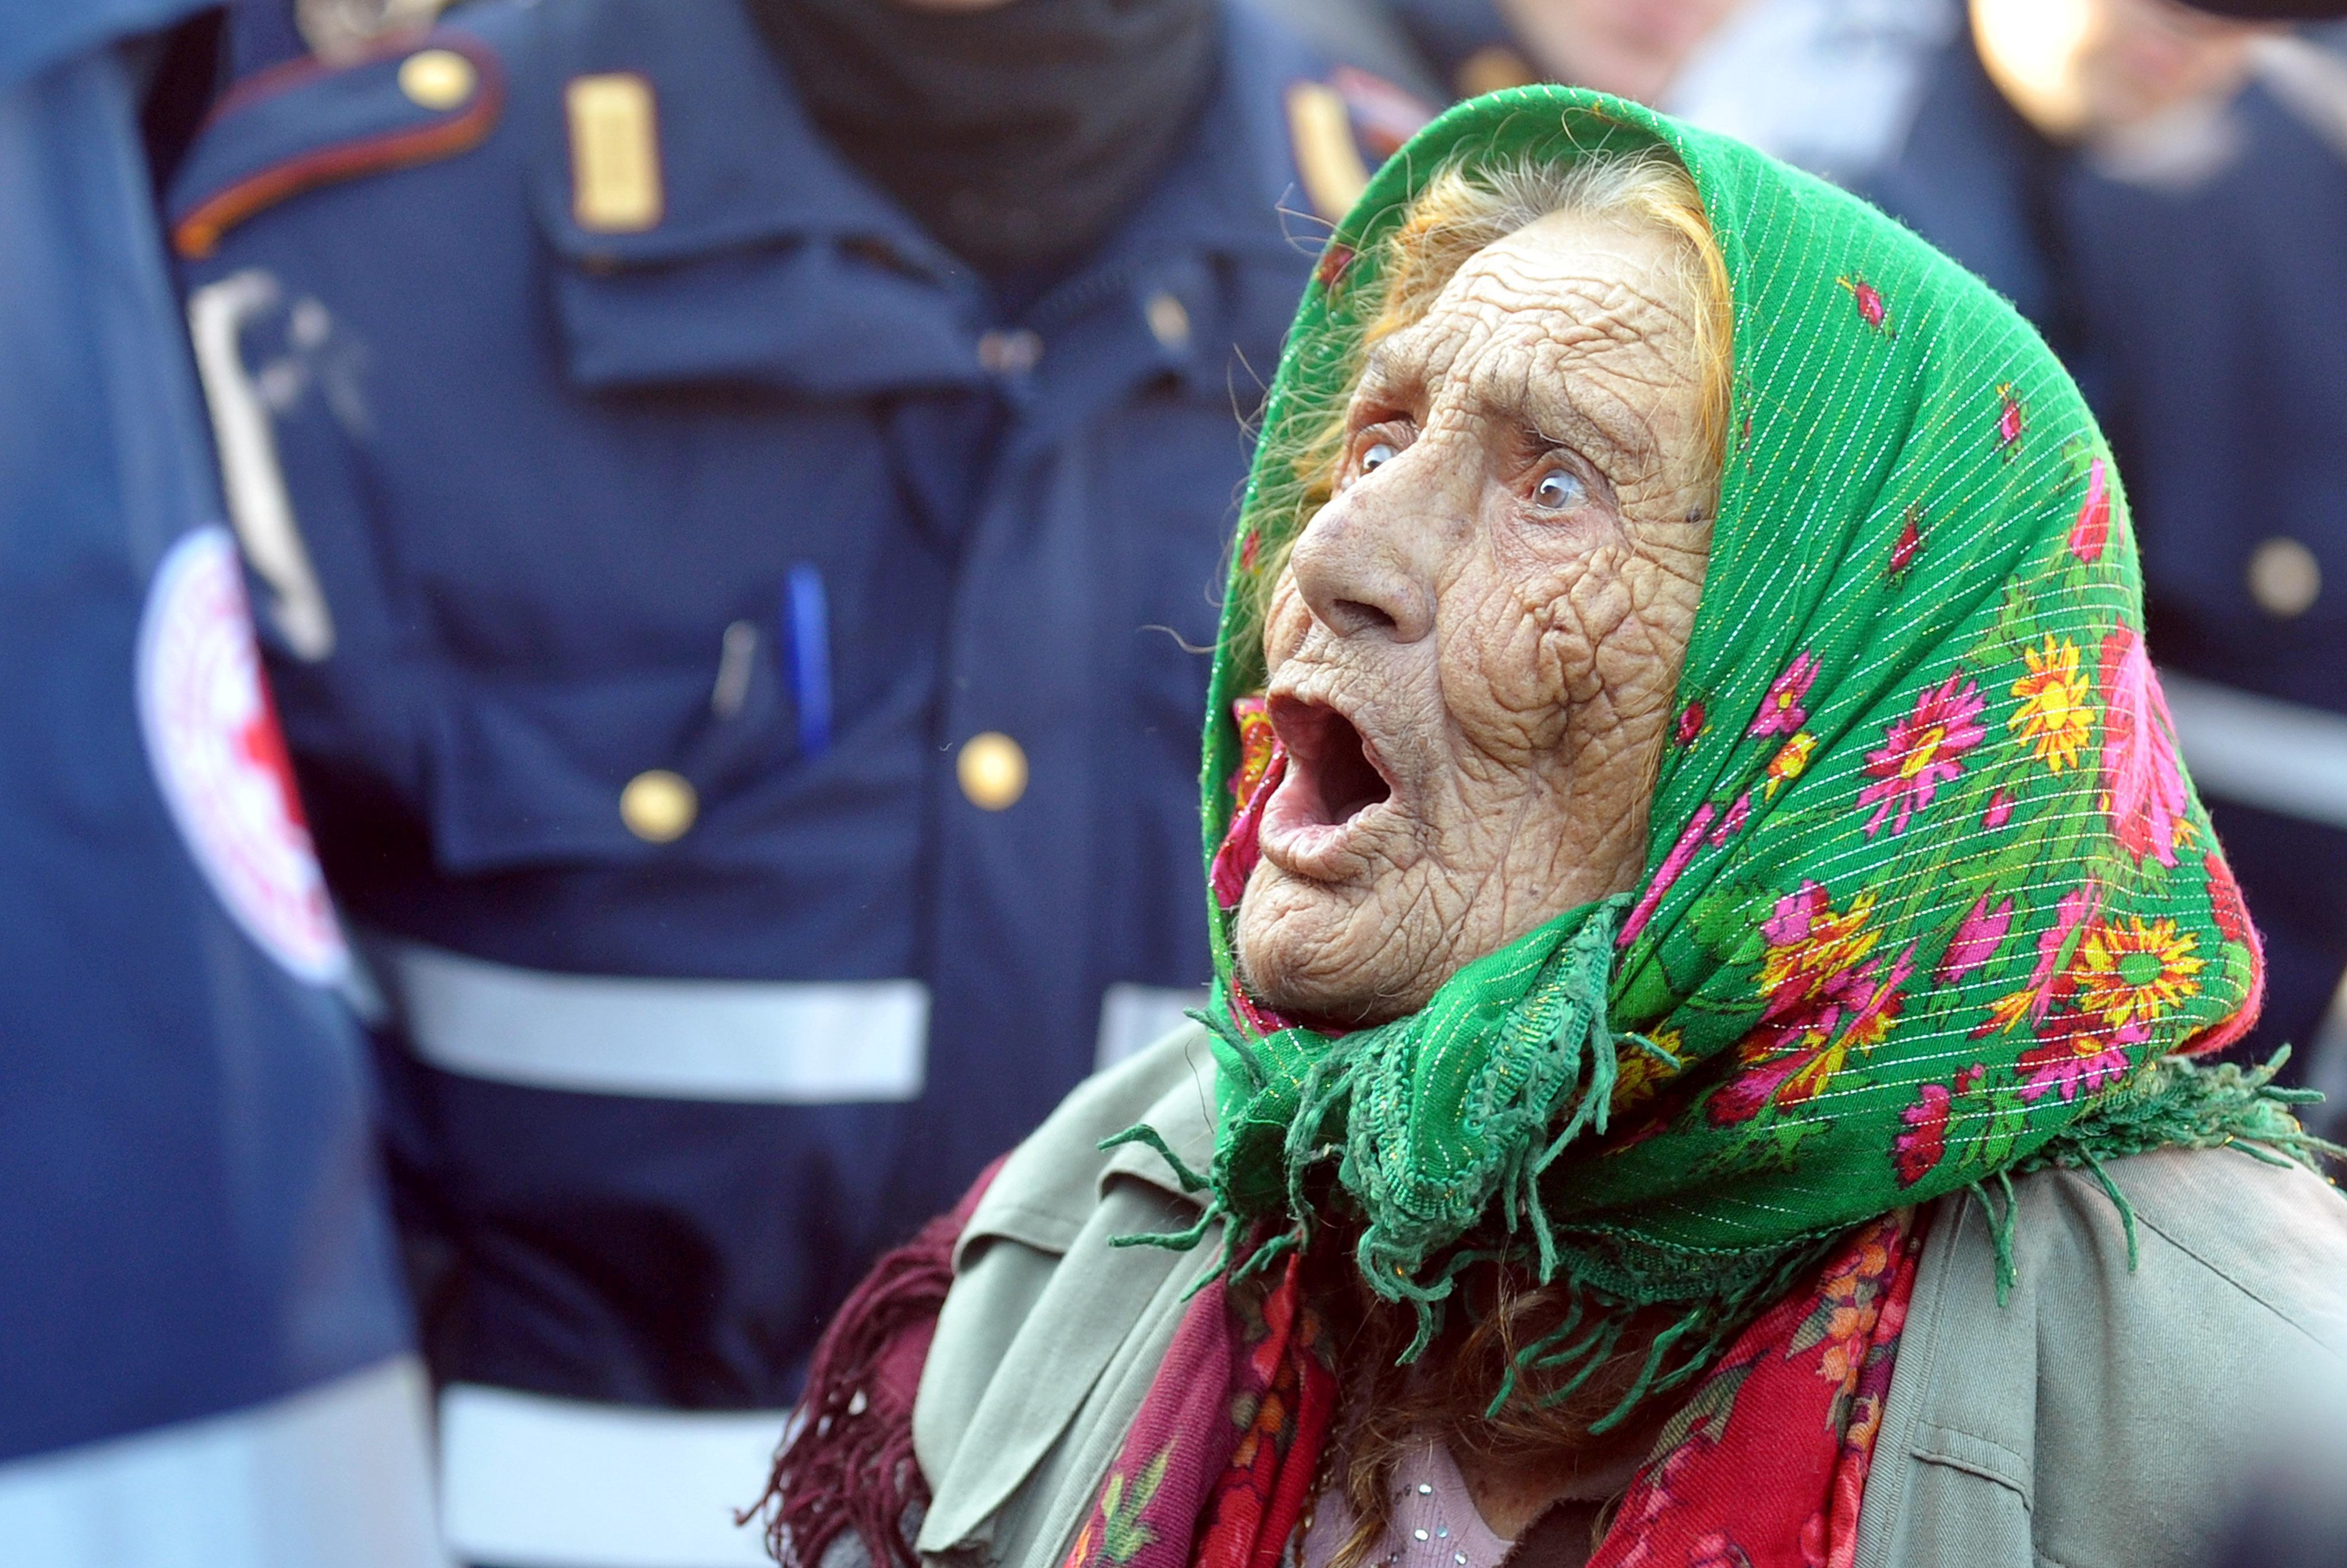 Arrestate le ladre della metro: raid a Roma, bloccate 10 rom